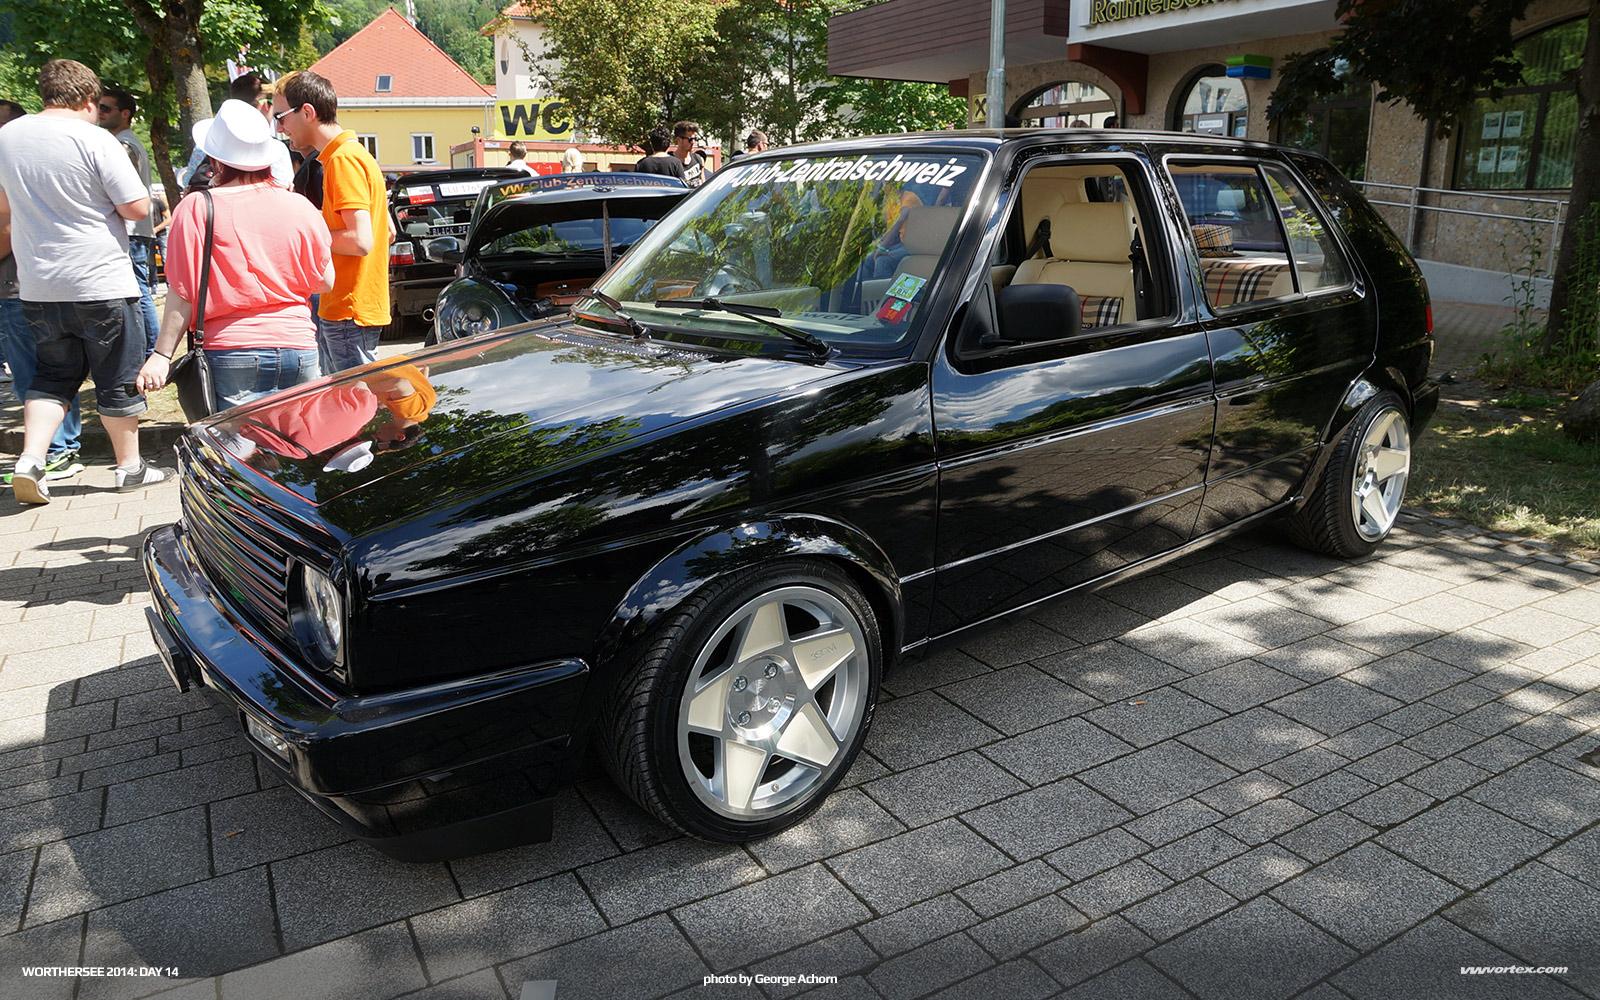 2014-Worthersee-Day-14-VWvortex-1138